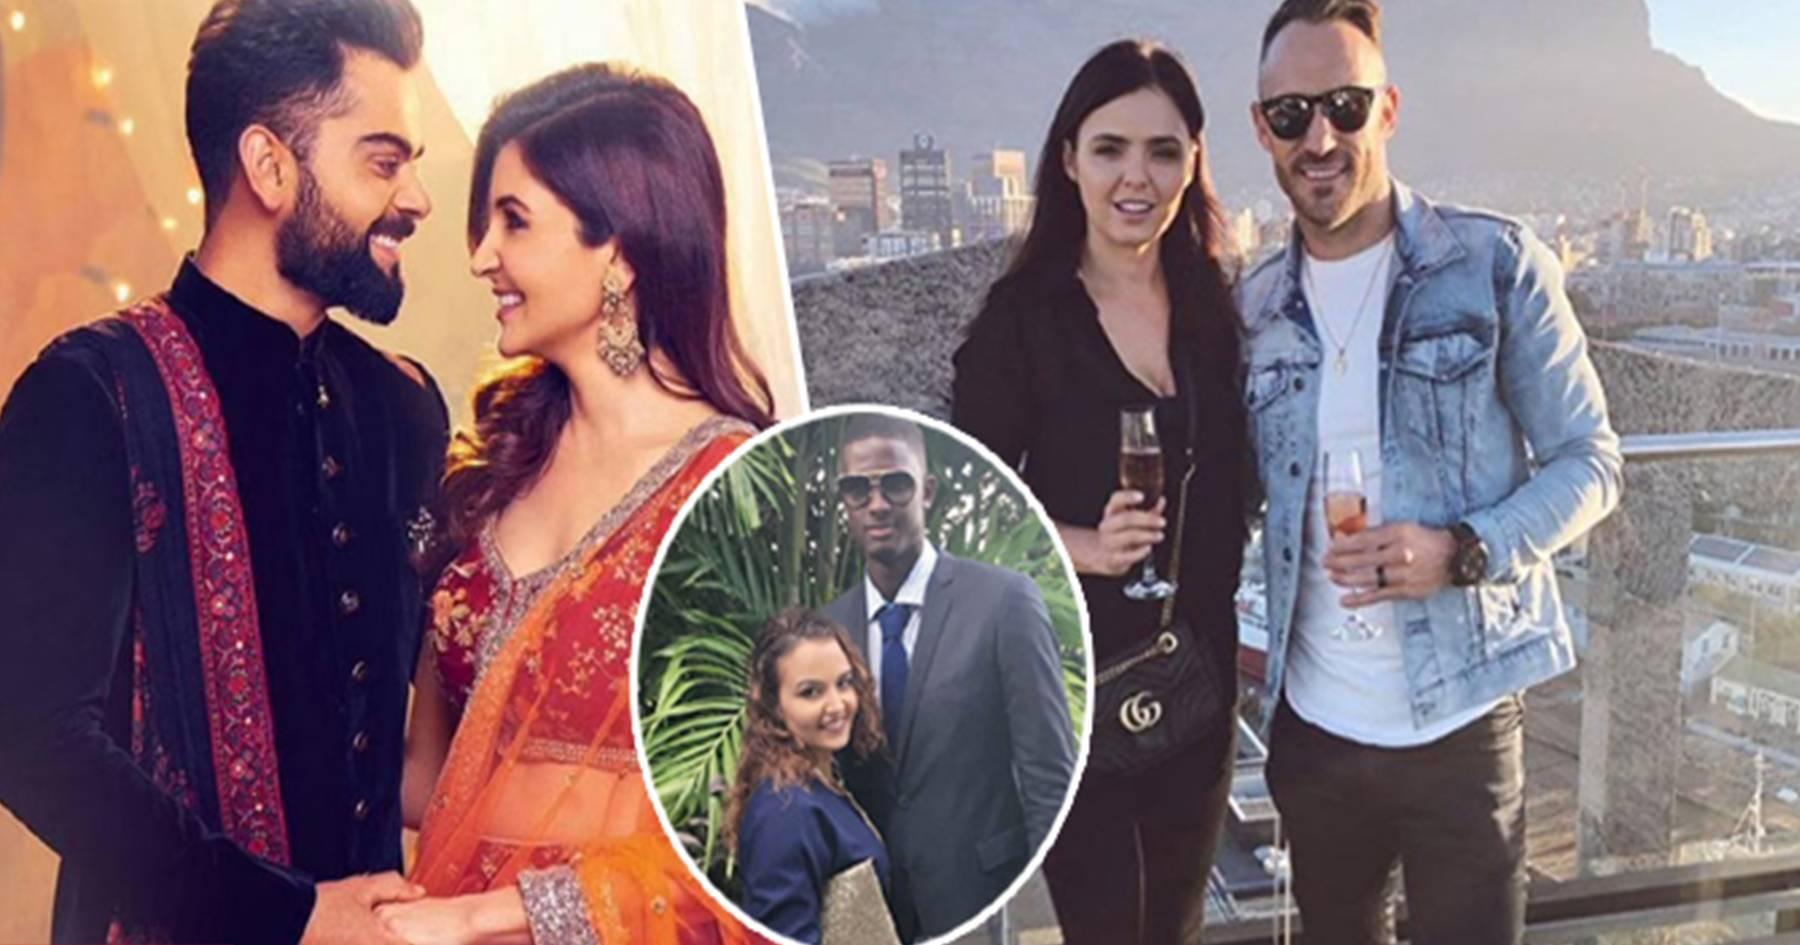 આ ક્રિકેટરો પોતે ડેશિંગ અને સ્ટાઇલિશ છે, સાથે જ તેમની પત્નીઓ પણ લાગે છે ખૂબ જ હોટ અને સુંદર